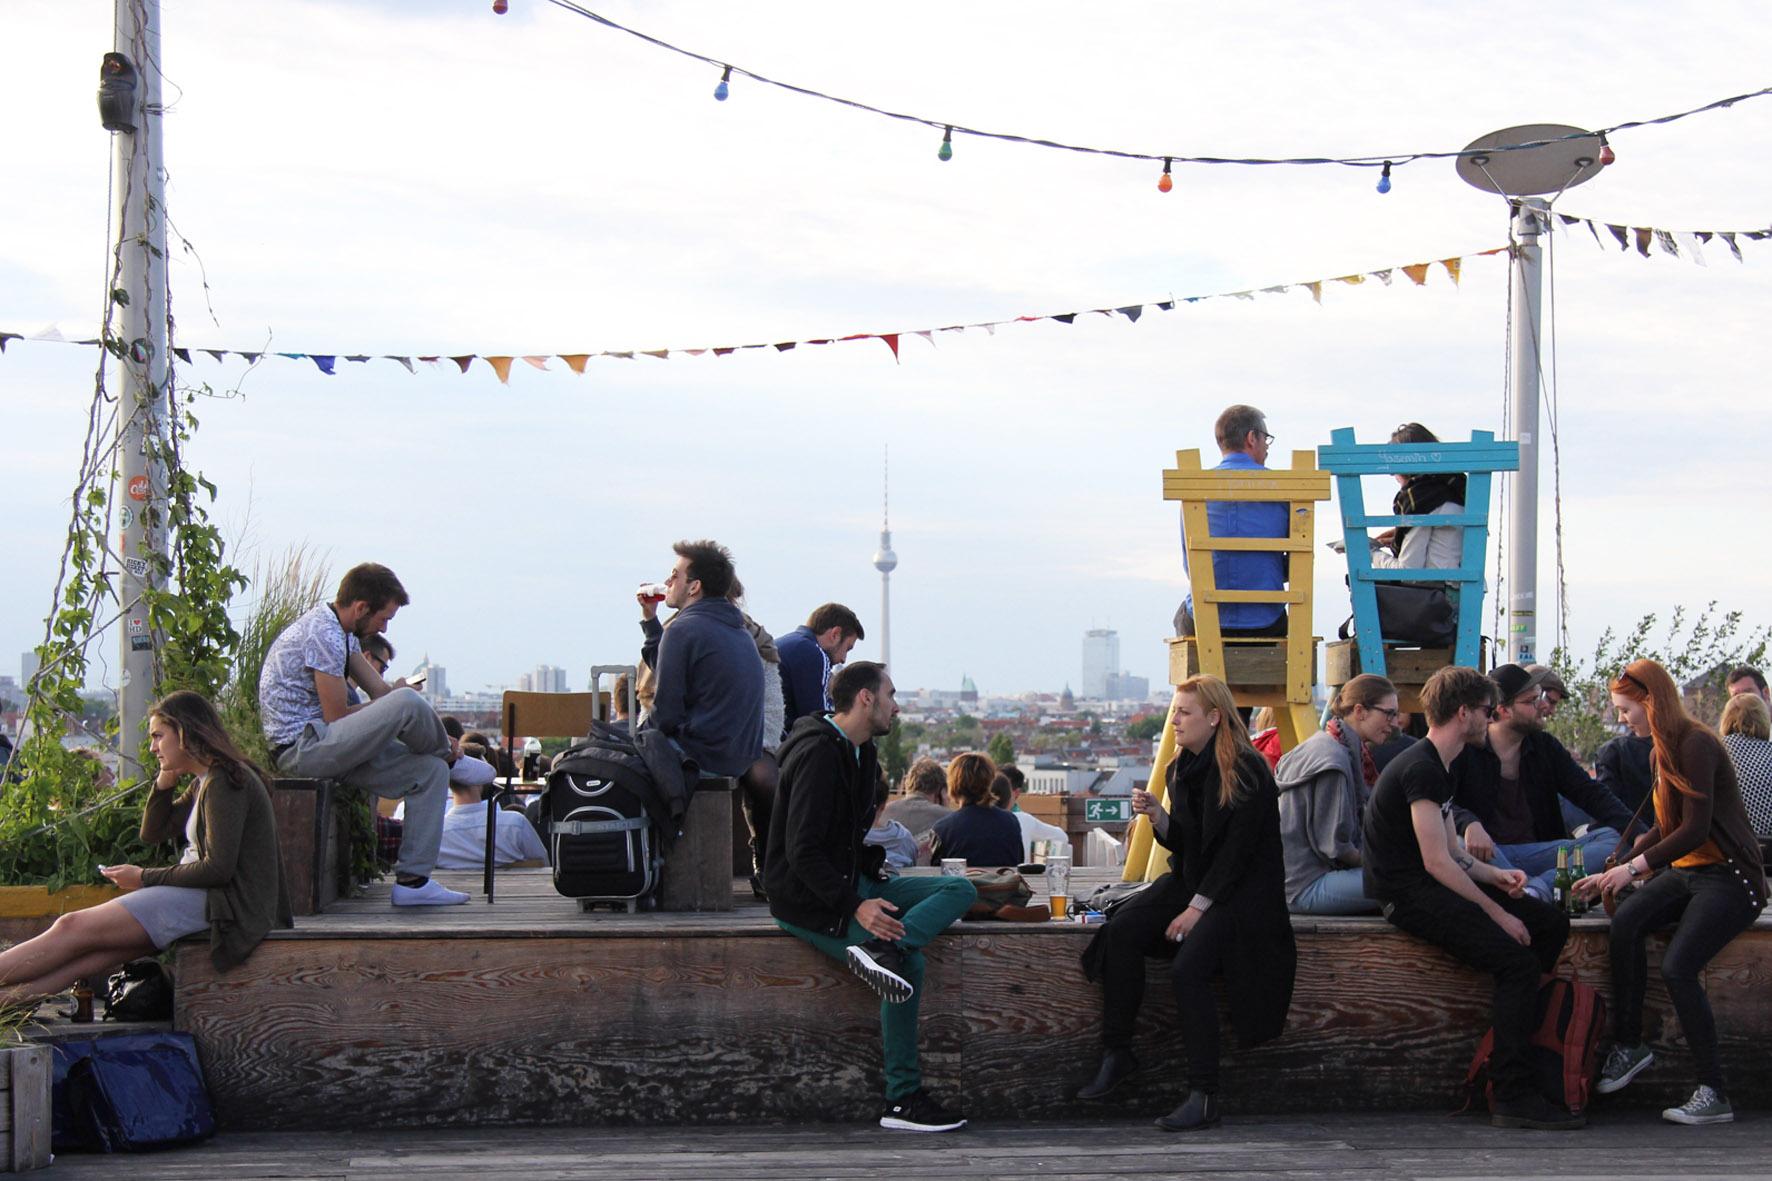 klunkerkranich car park turned rooftop bar andberlin. Black Bedroom Furniture Sets. Home Design Ideas